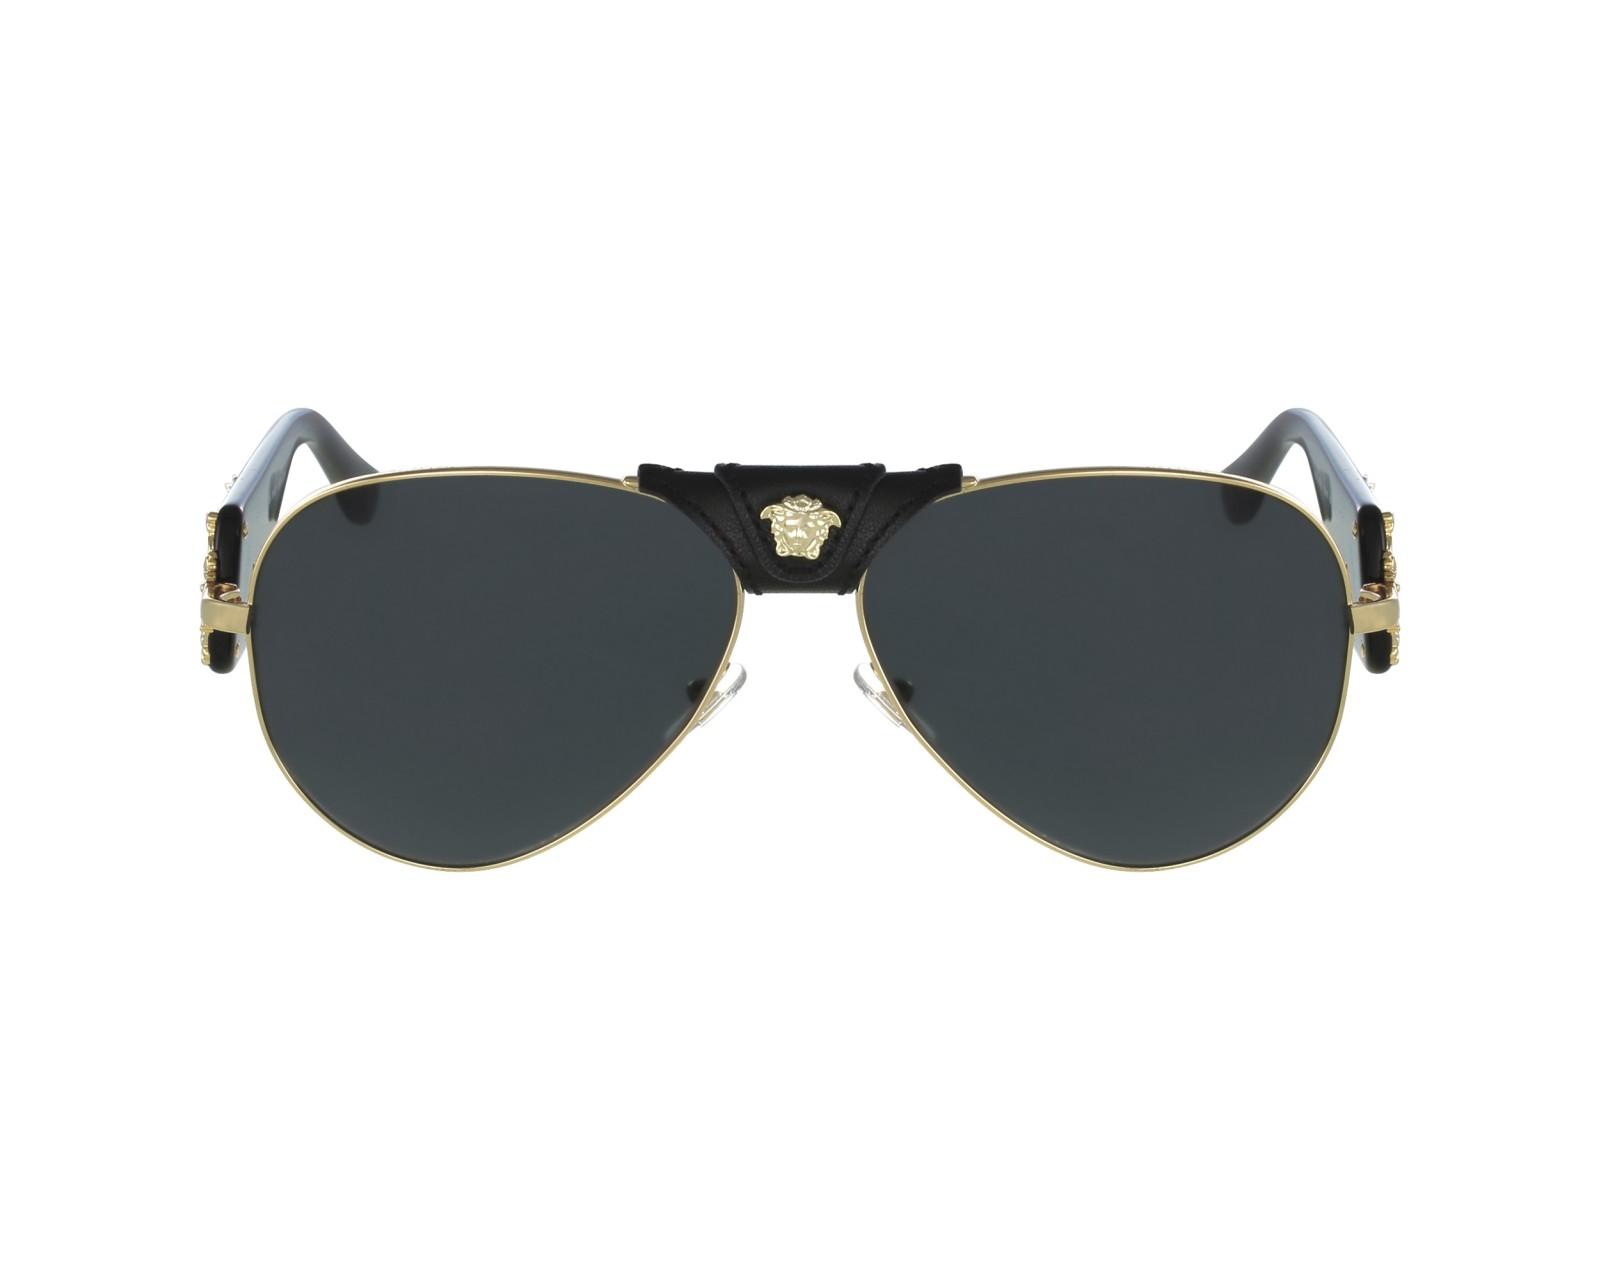 acheter des lunettes de soleil versace ve 2150 q 1002 87 visionet. Black Bedroom Furniture Sets. Home Design Ideas